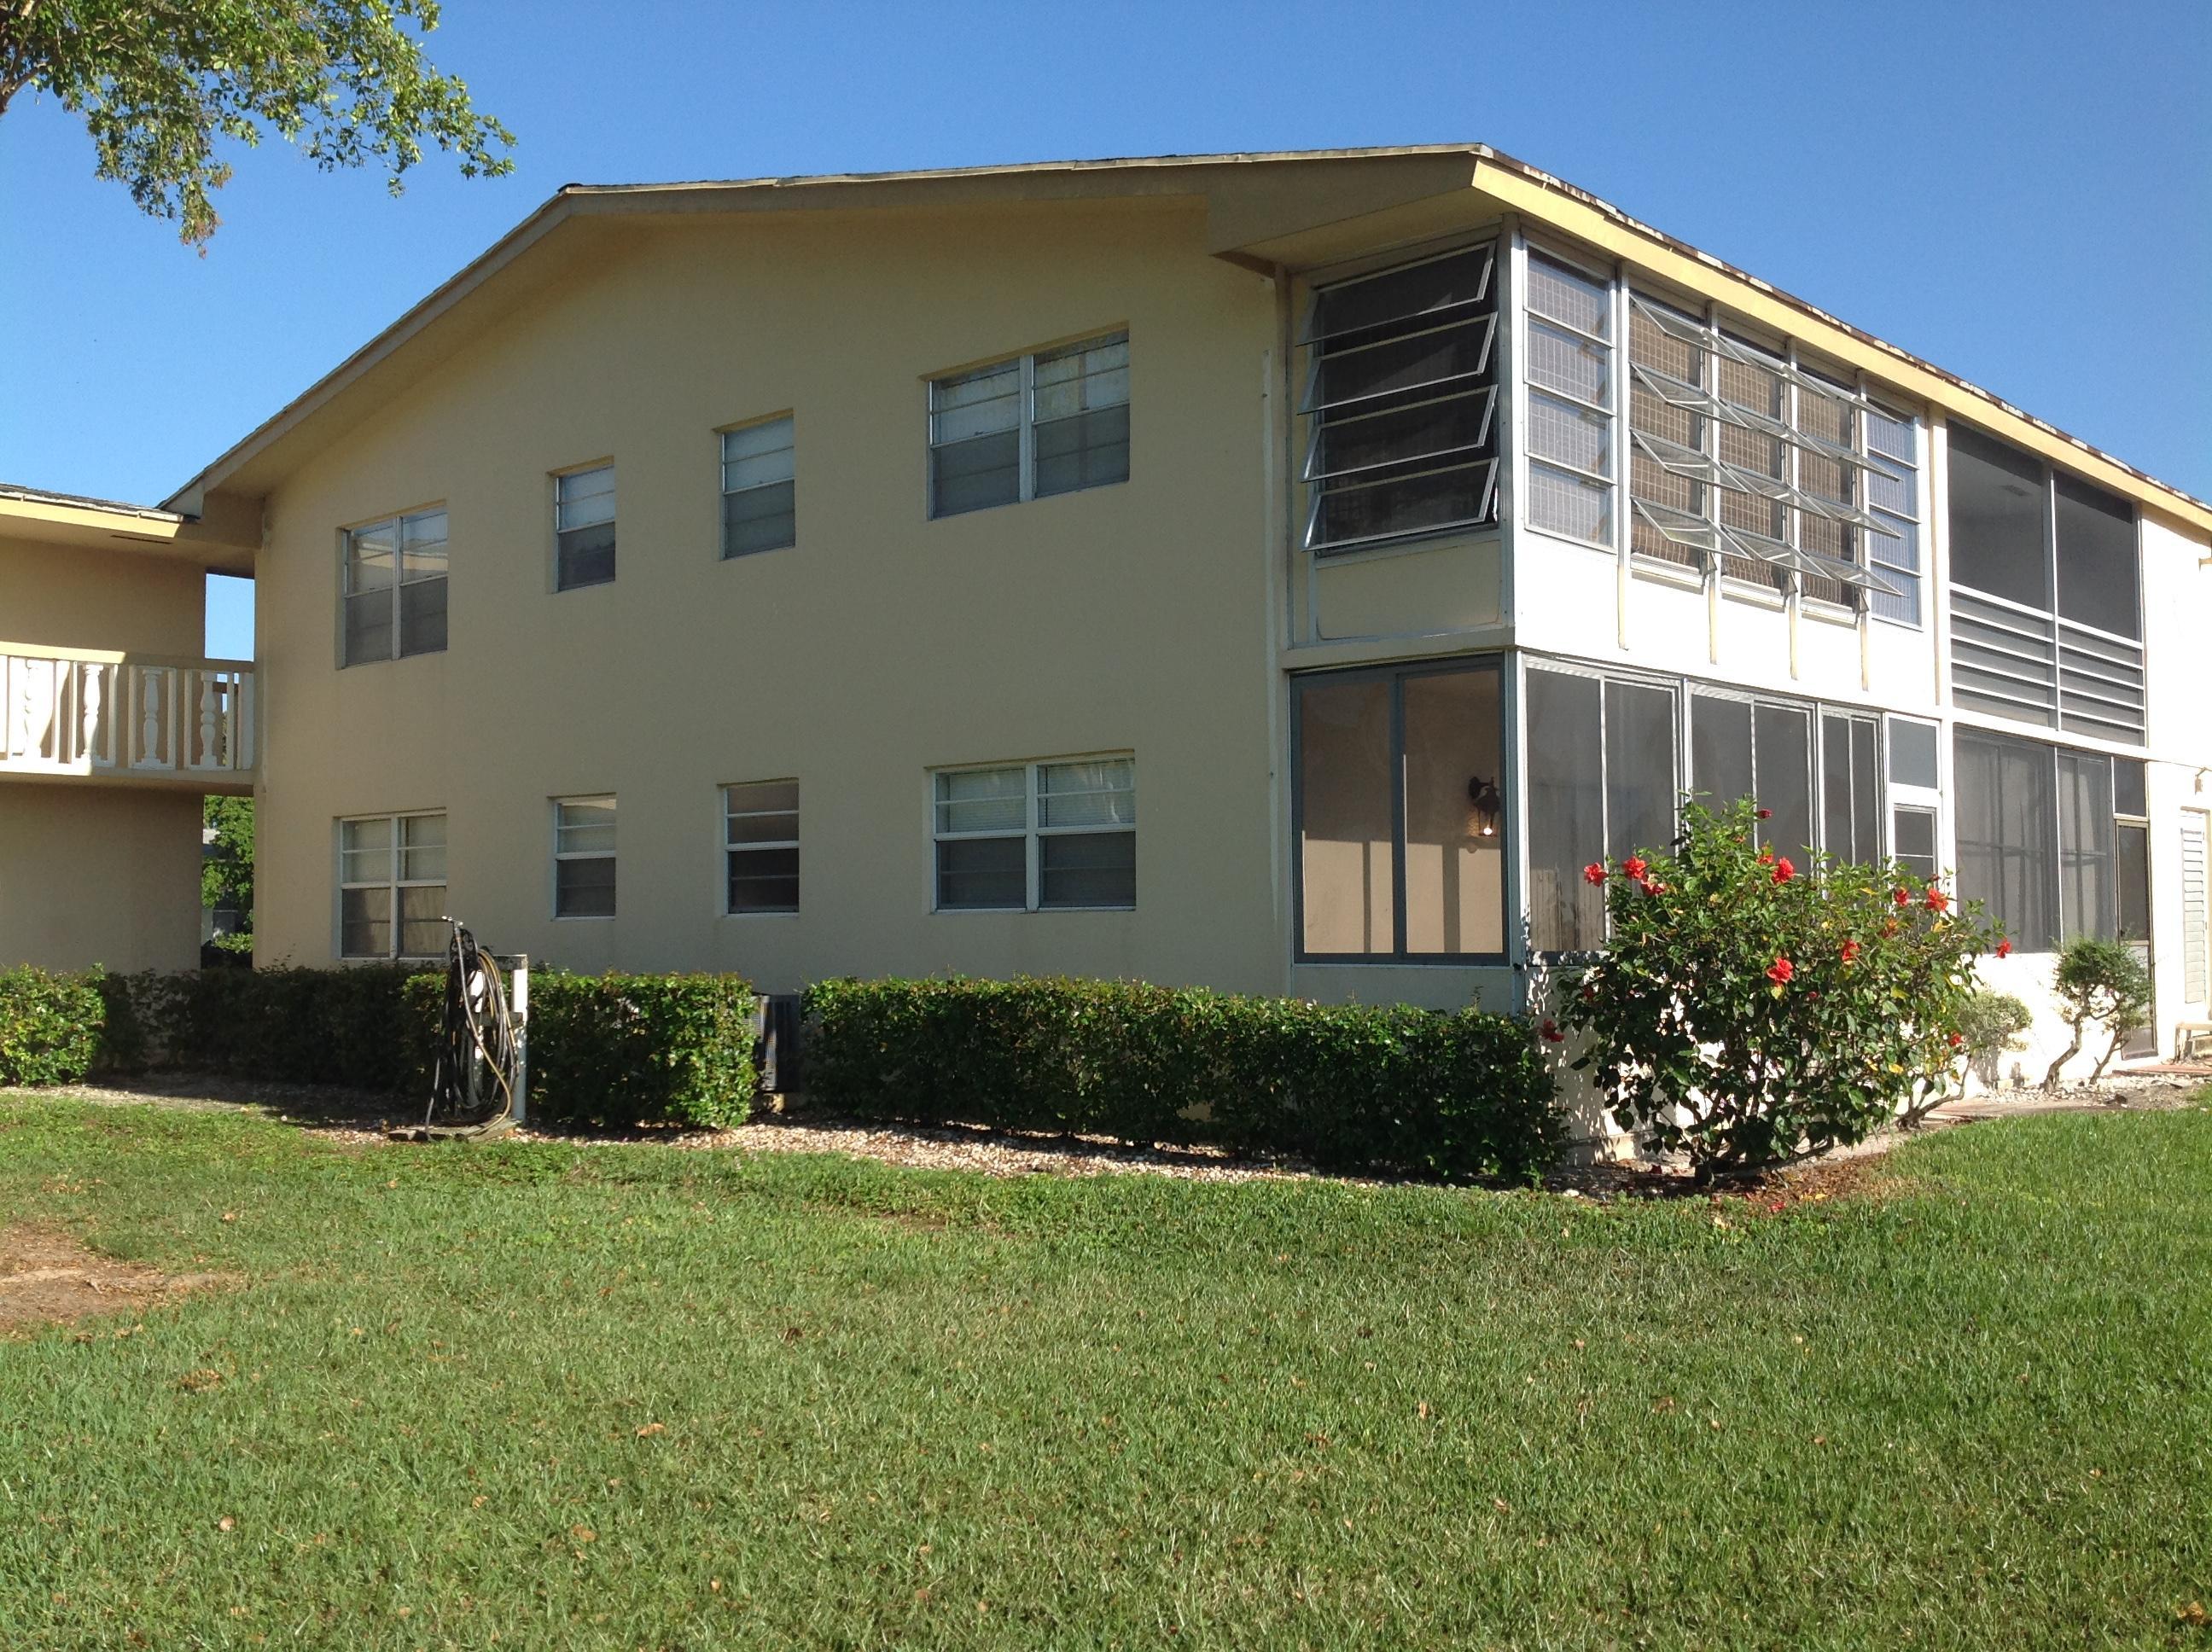 Photo of 244 Dorchester K, West Palm Beach, FL 33417